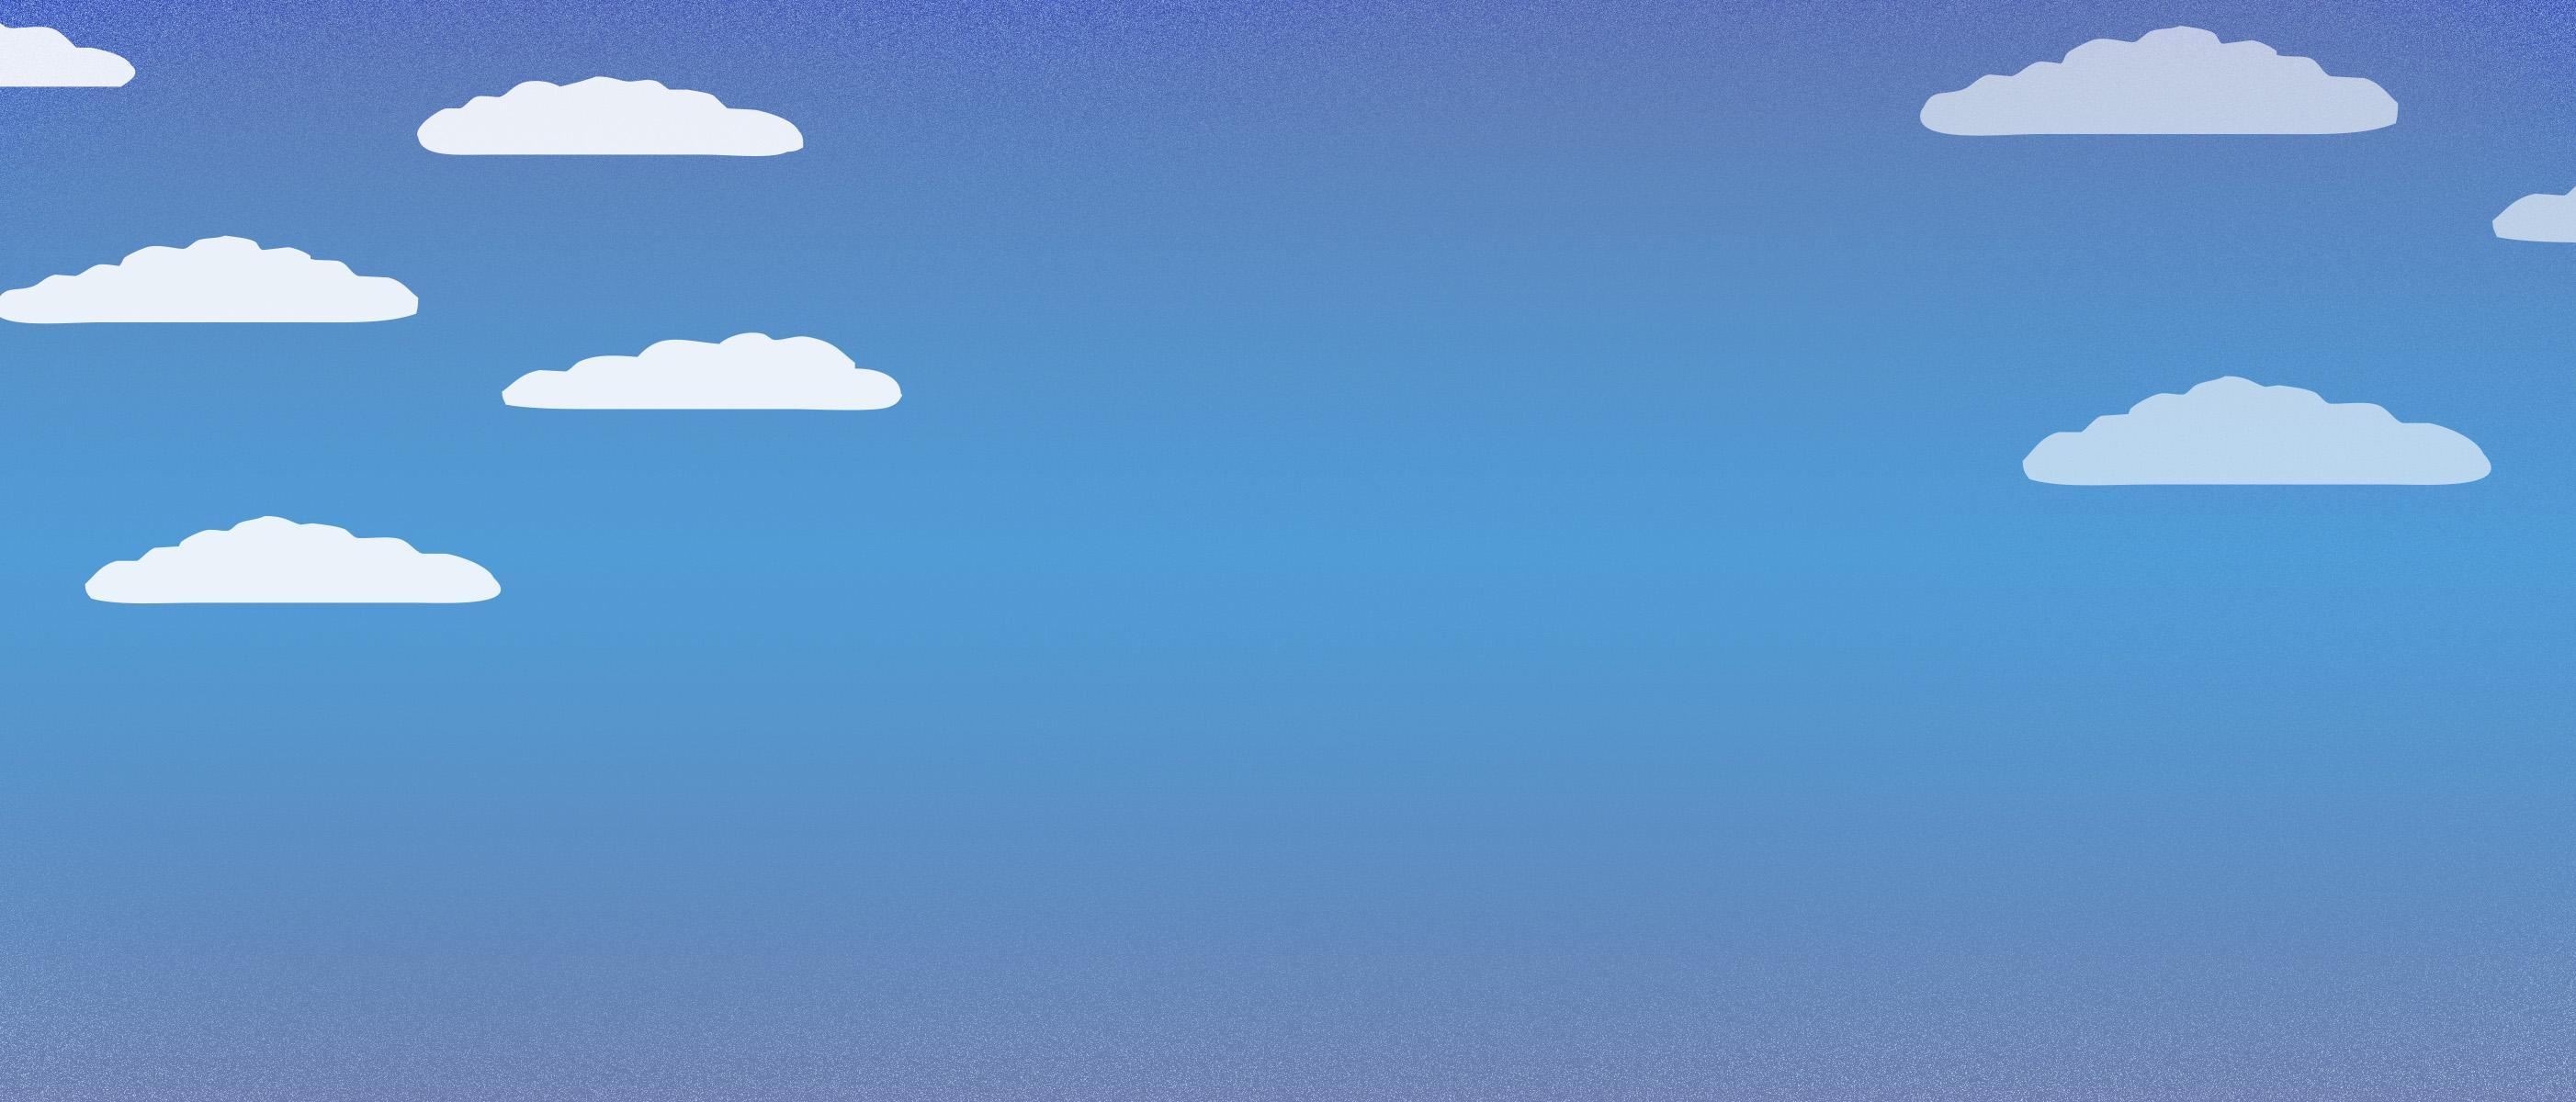 sky wallpaper for comic